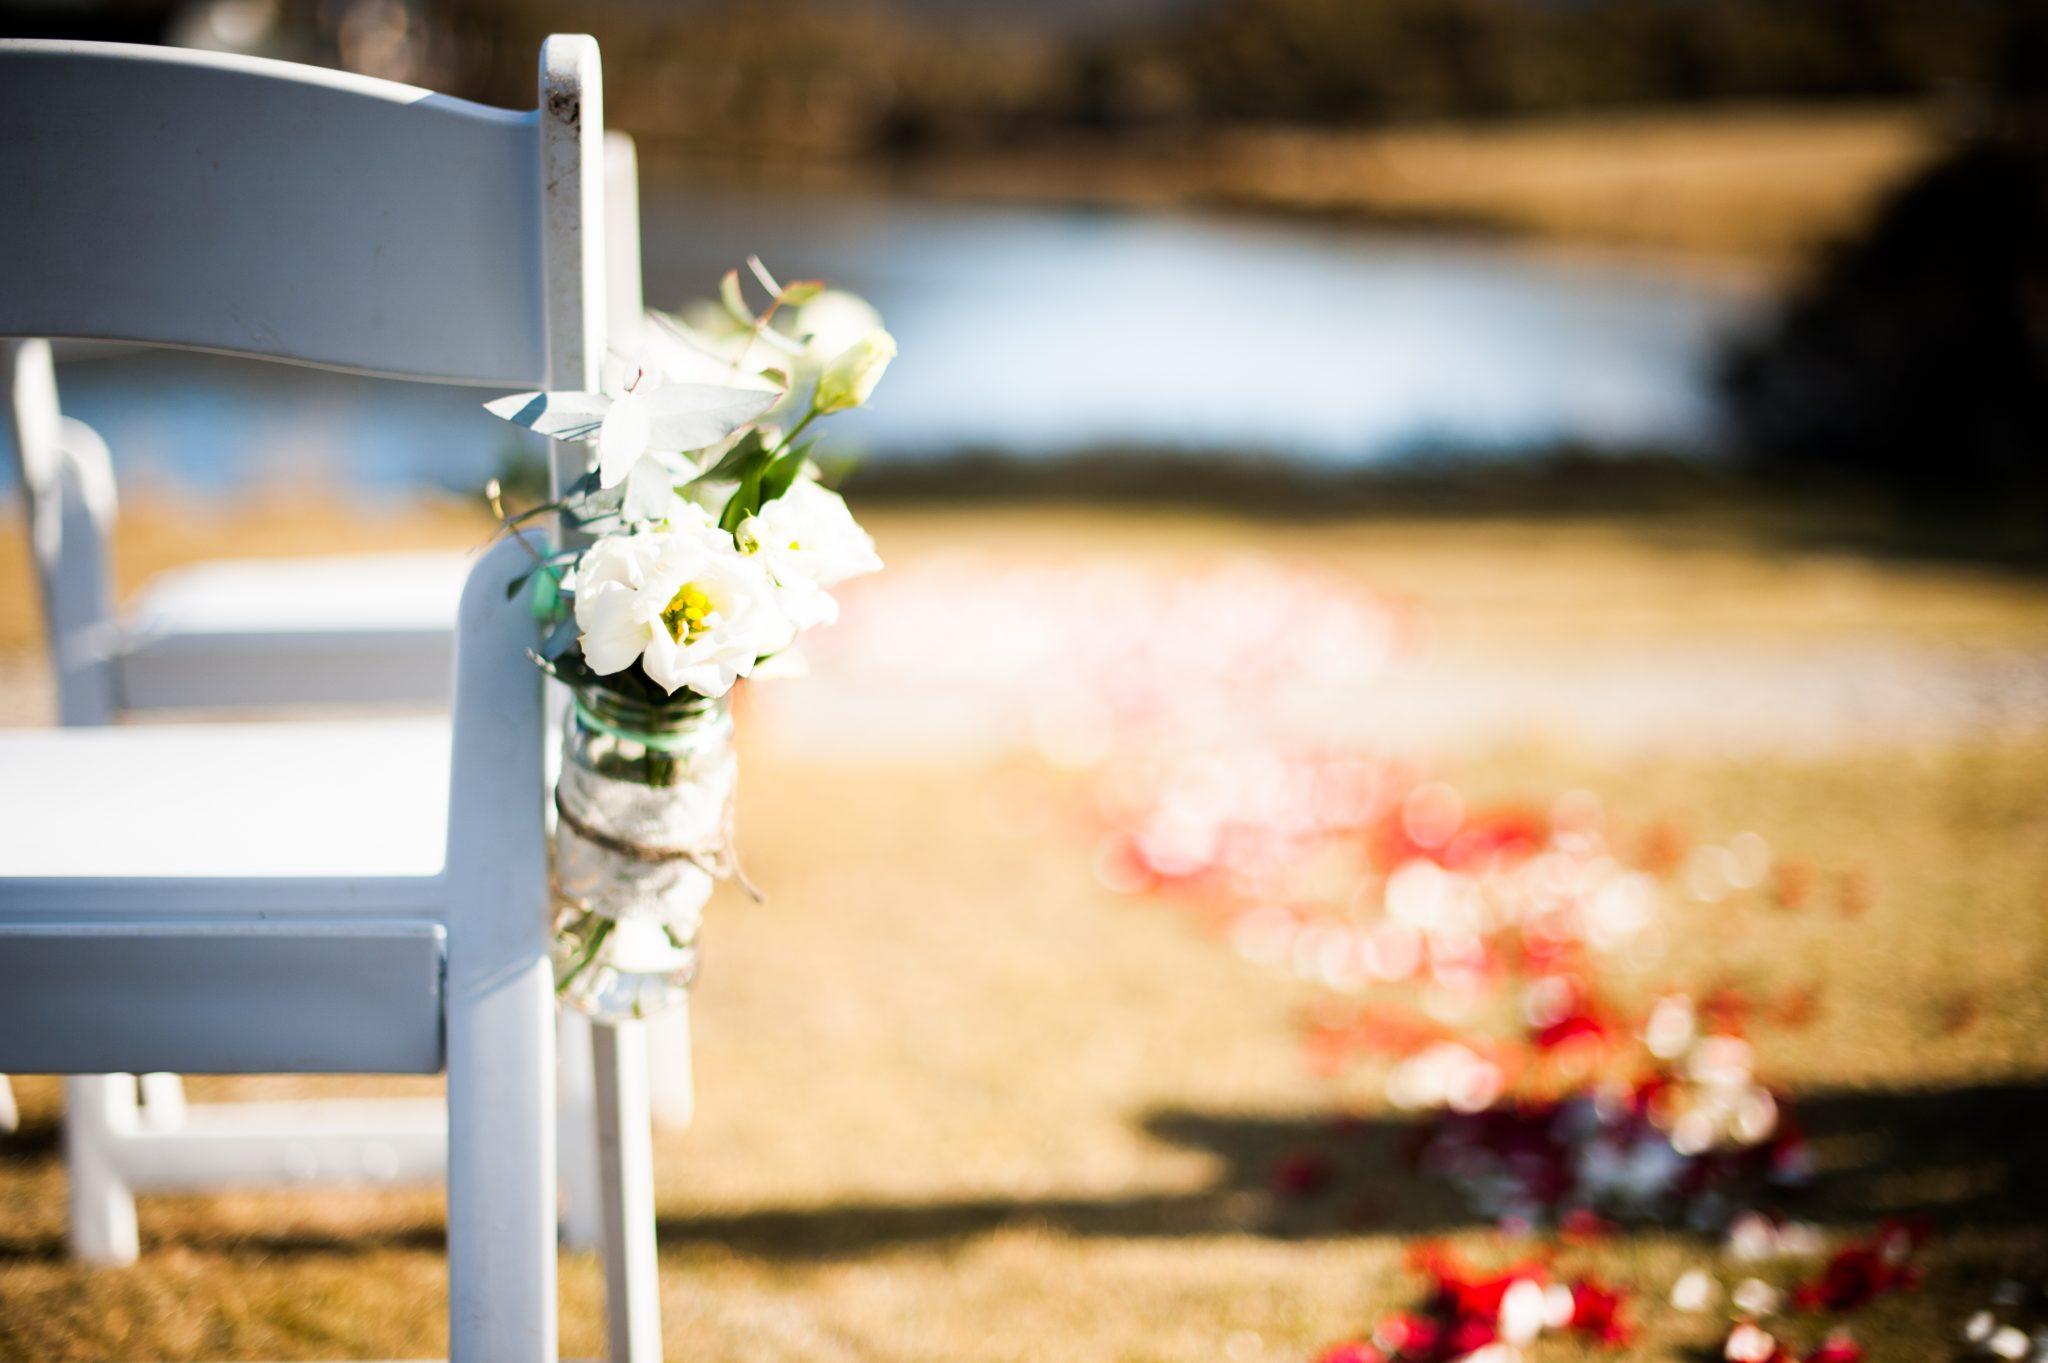 Erina-Shaun-ceremony-flowers.jpg